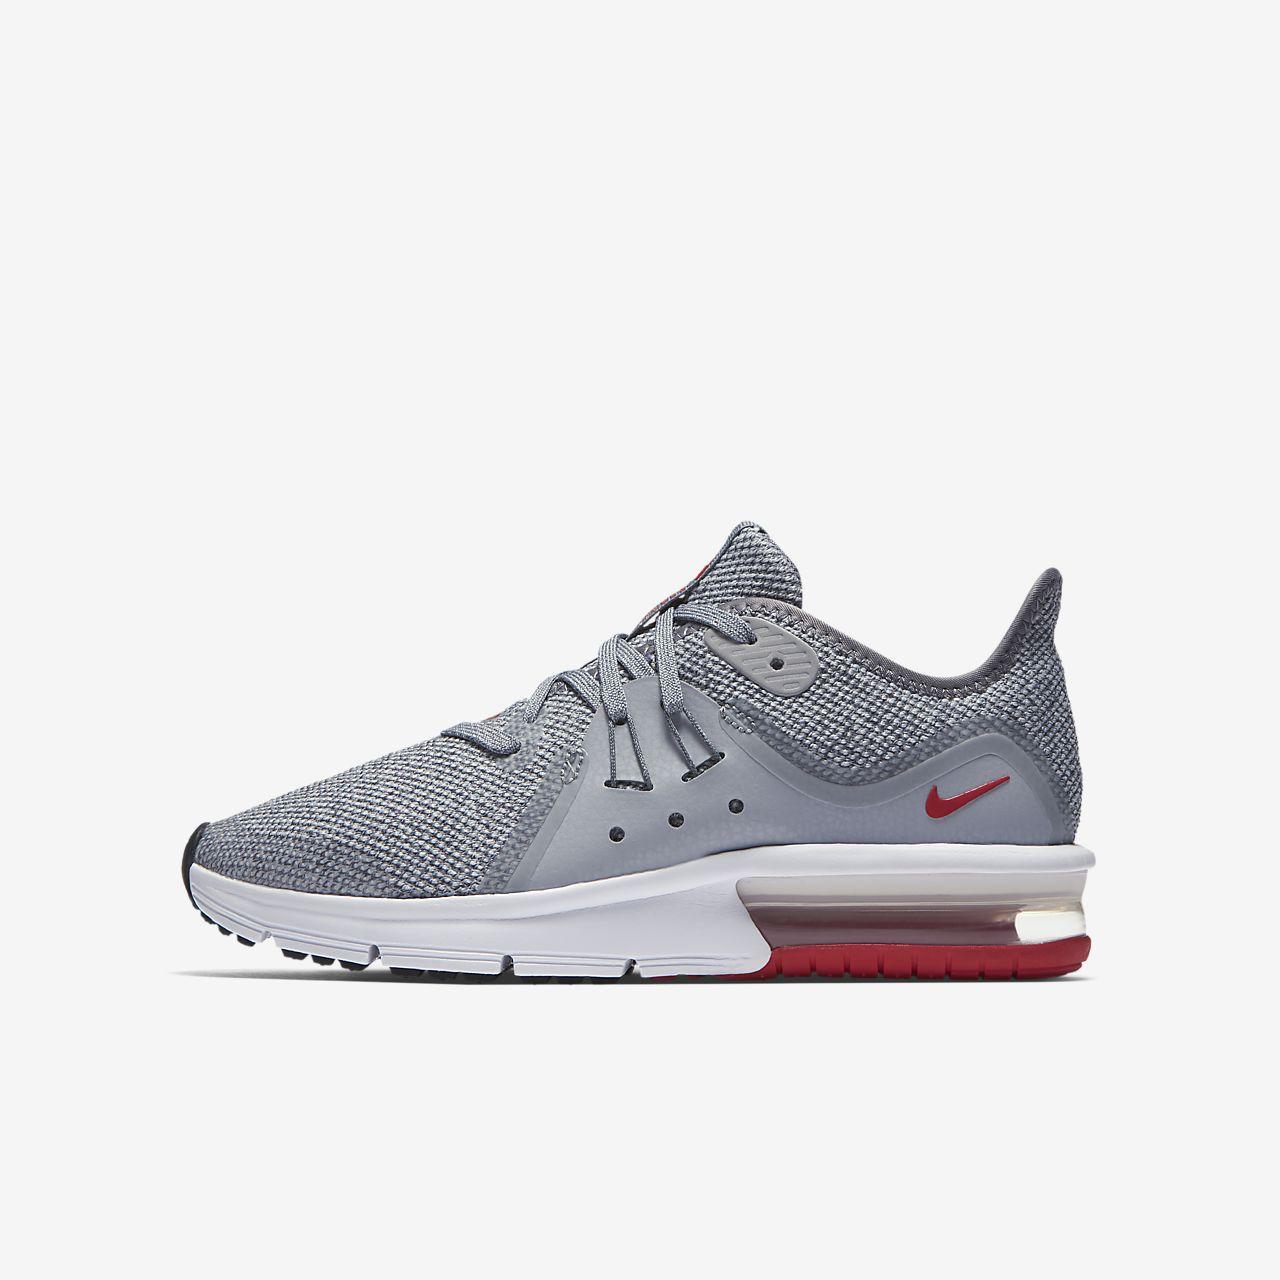 Garçons Nike Chaussures De Course Air Max Sequent